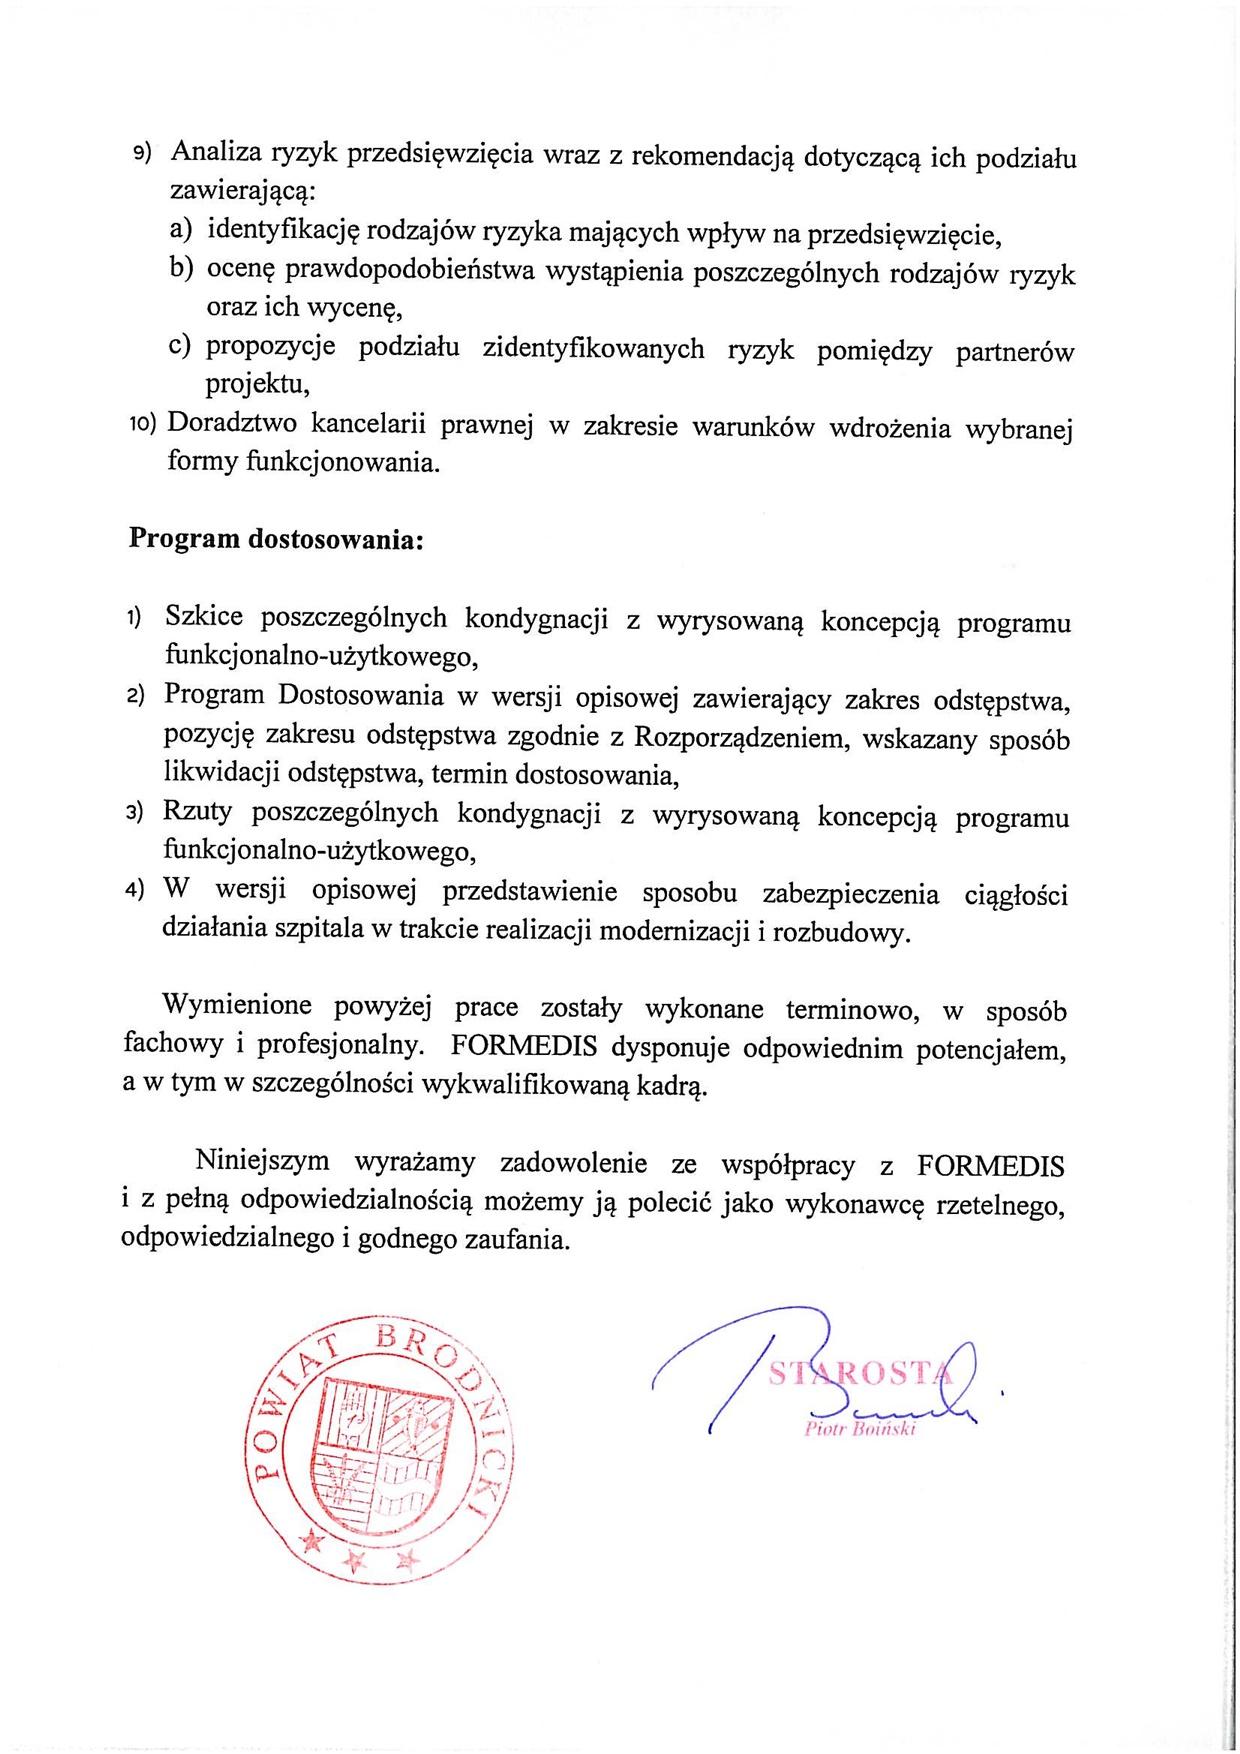 powiat_brodnicki_referencje_3